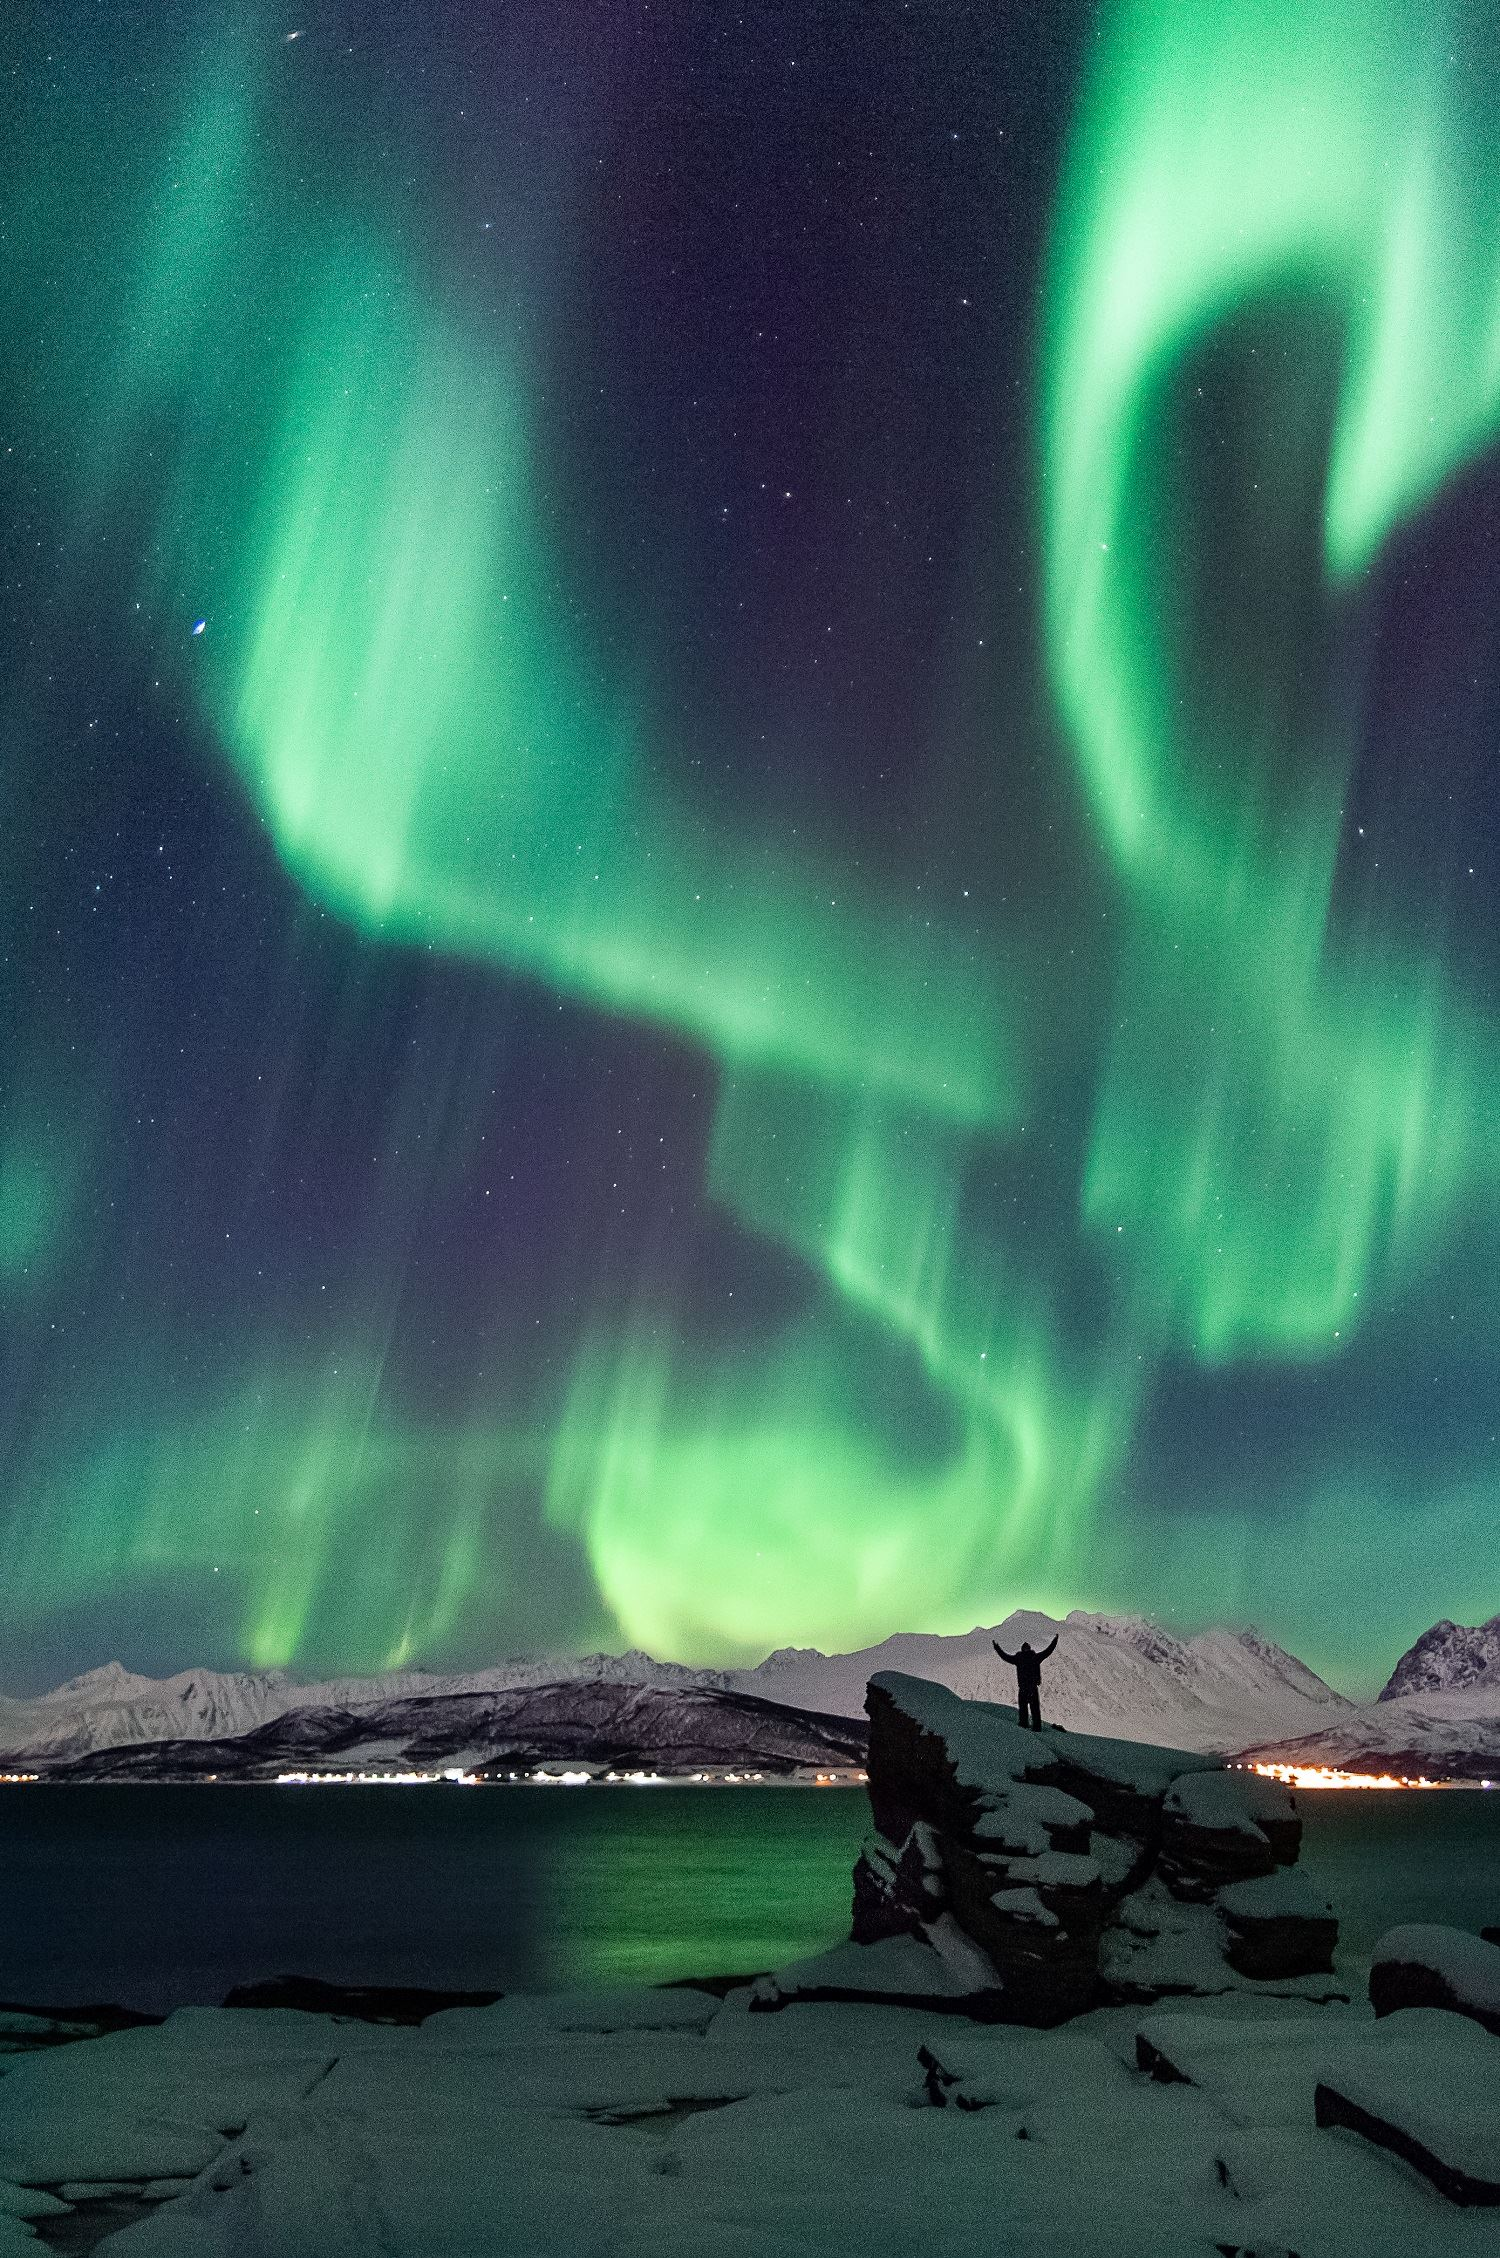 Aurora VIP - Den råeste måten å oppleve nordlyset på!